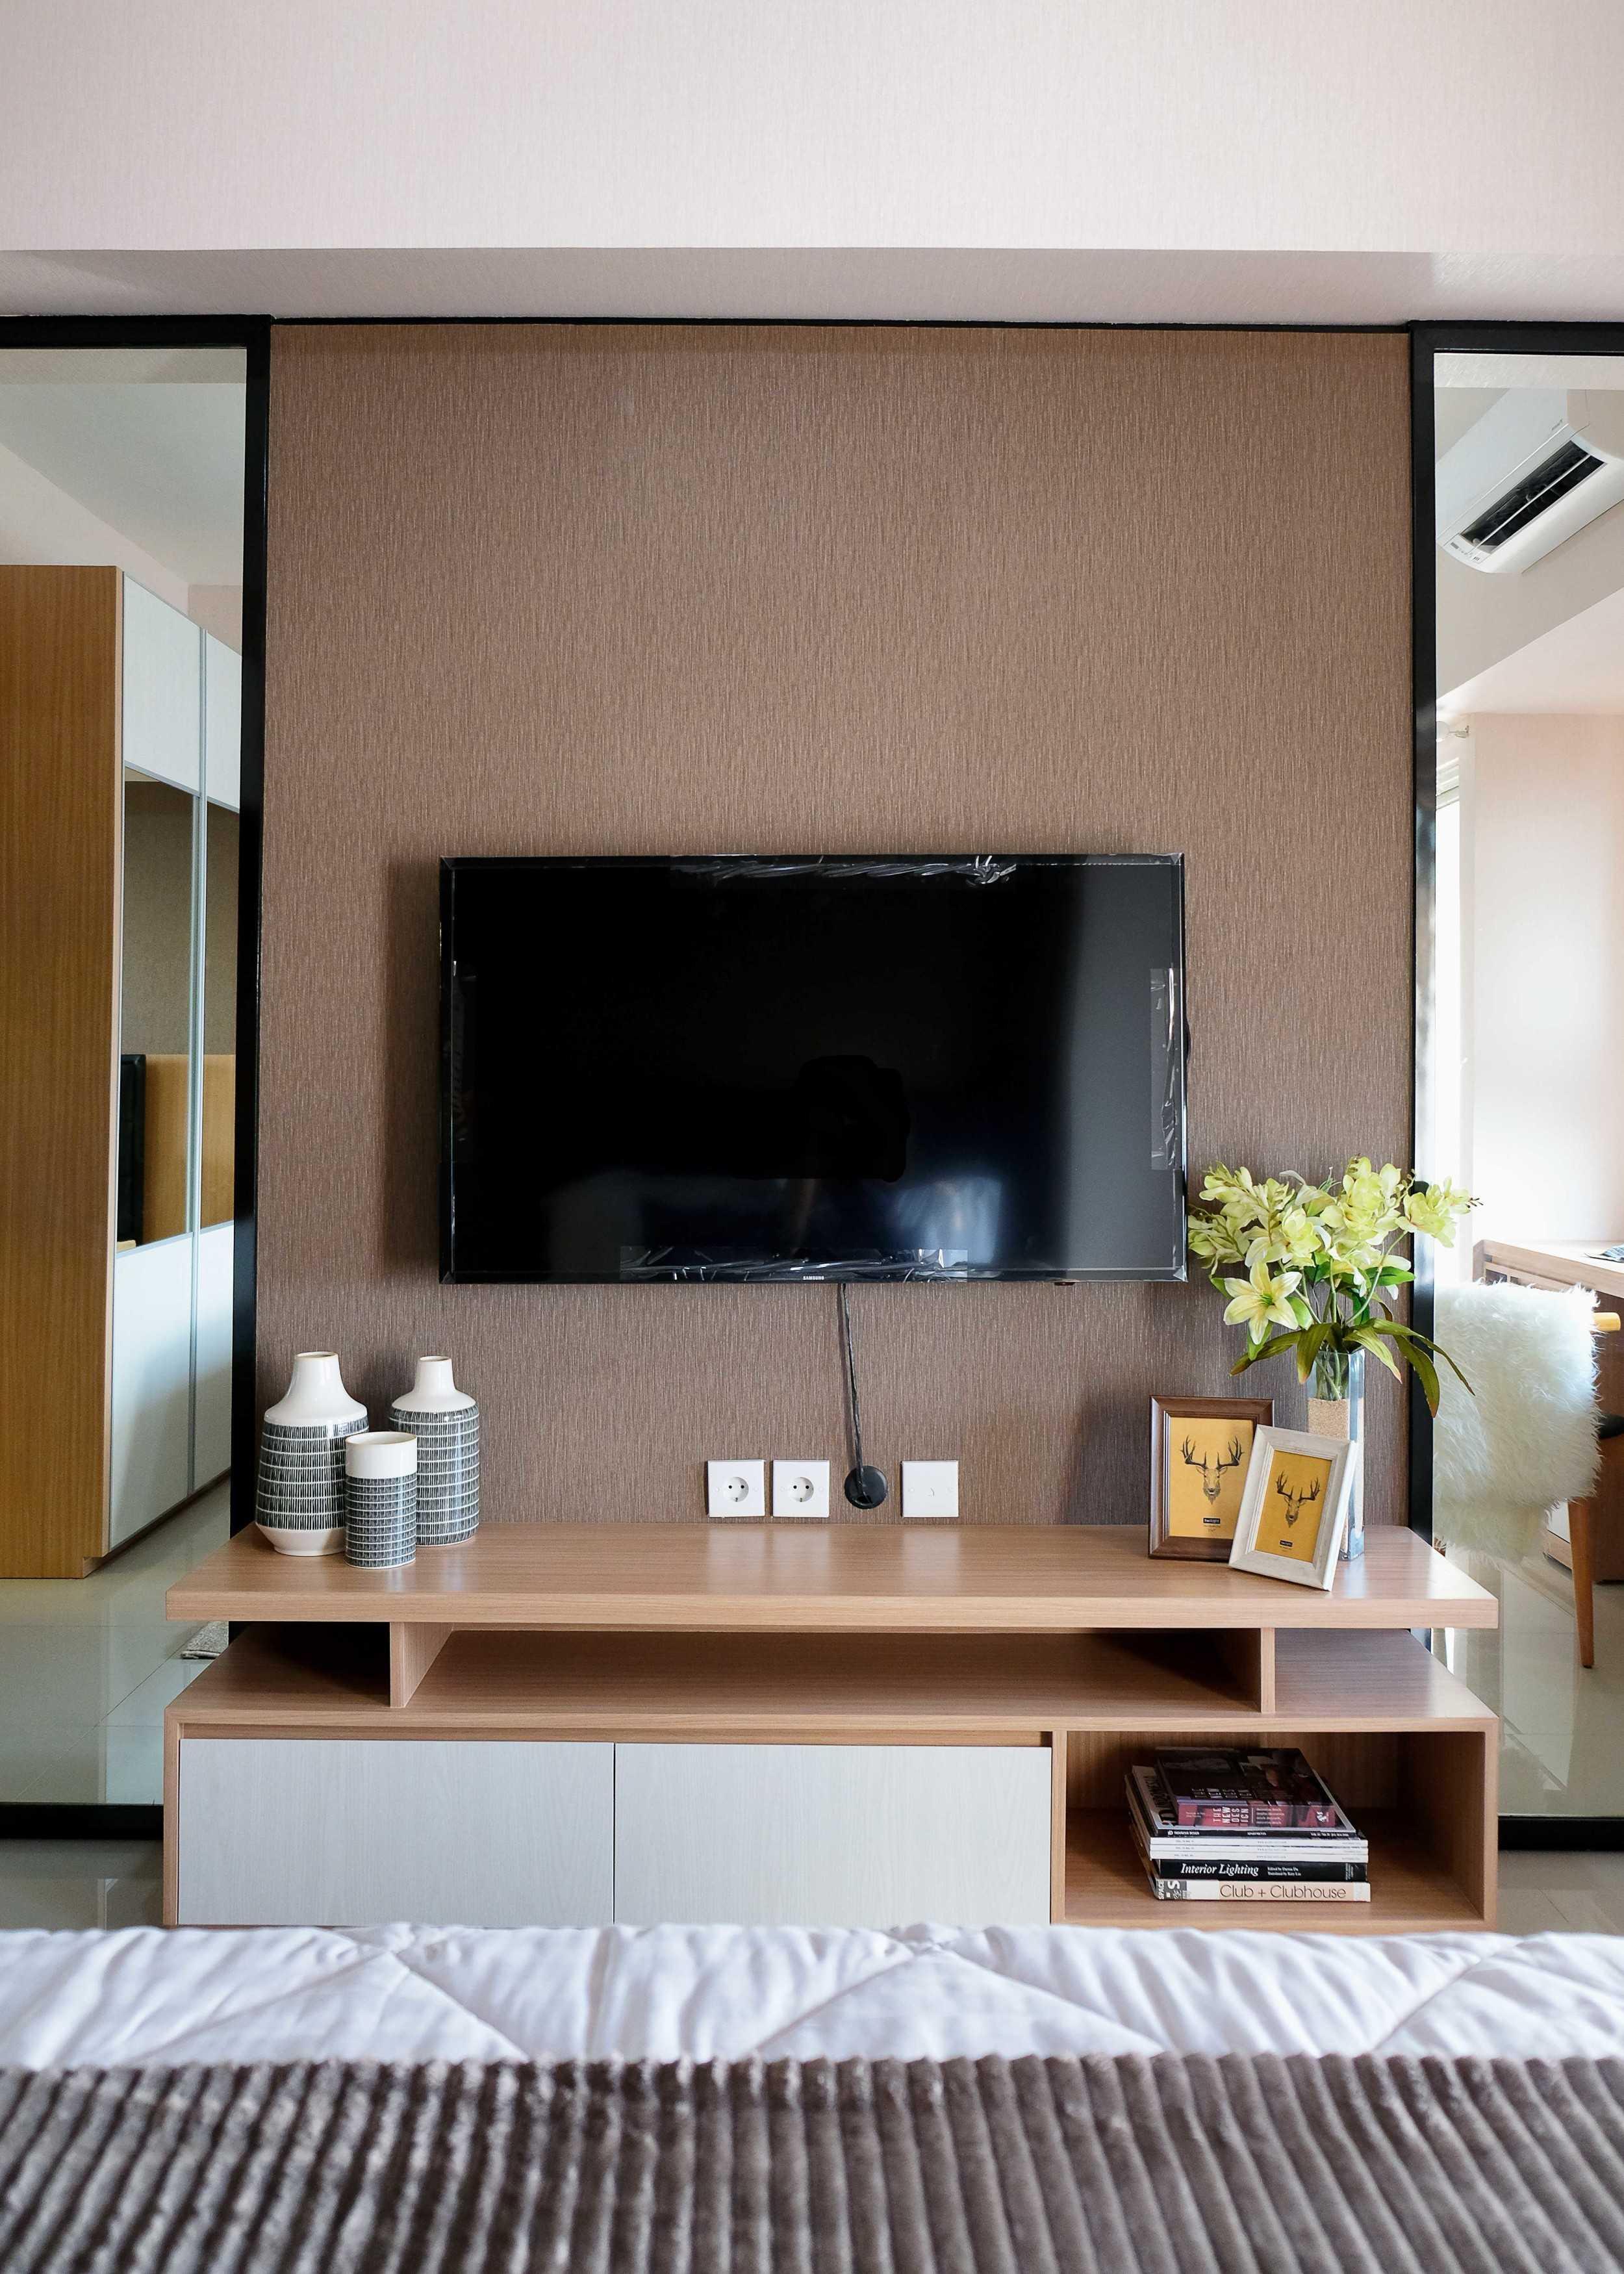 Equil Interior Tanglin Apartment Surabaya, Kota Sby, Jawa Timur, Indonesia Surabaya, Kota Sby, Jawa Timur, Indonesia Equil-Interior-Tanglin-Apartment   59468